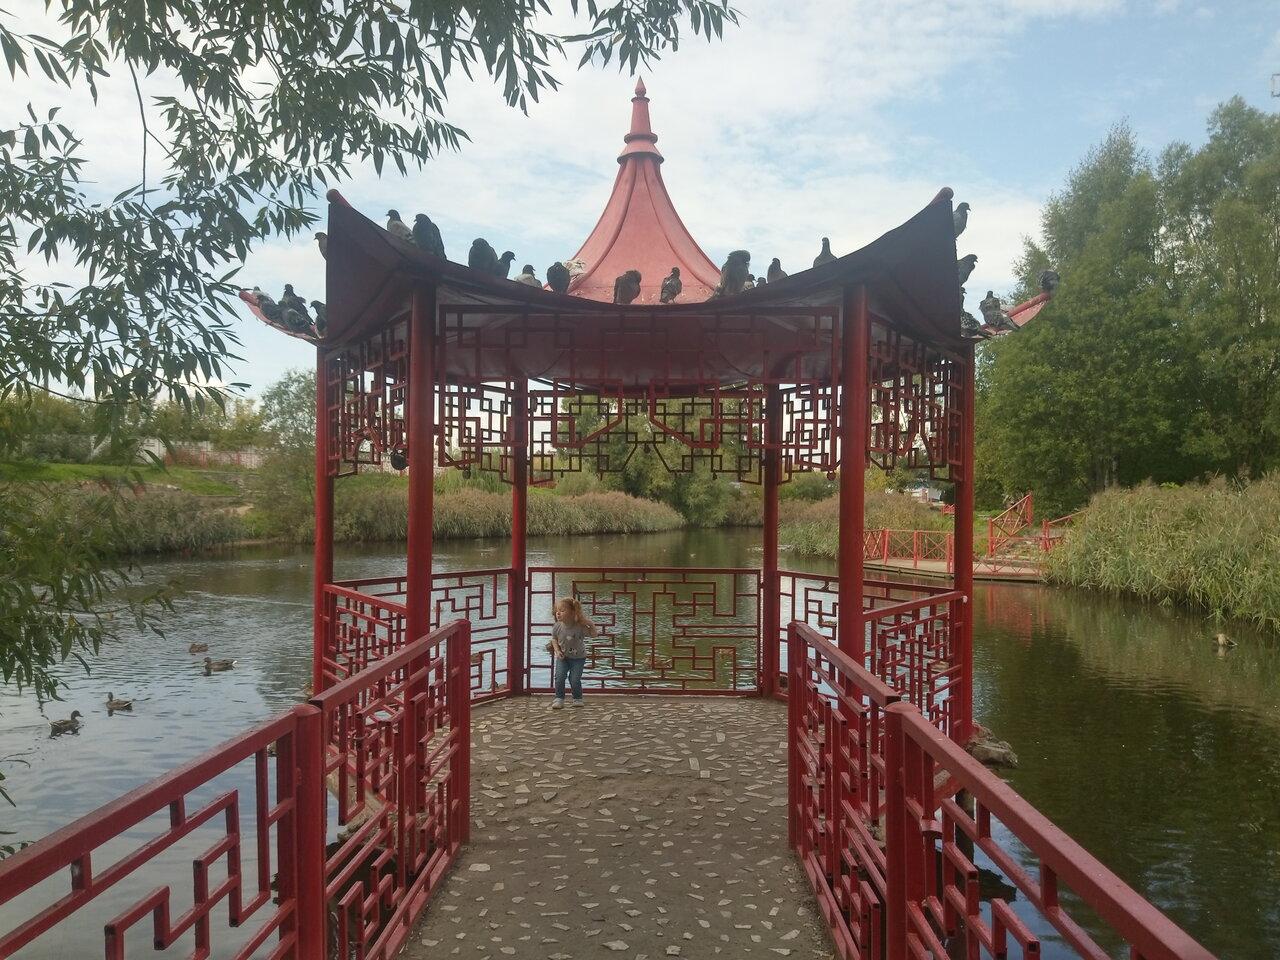 видите, китайский парк тверь фото смотреть есть, употребляйте